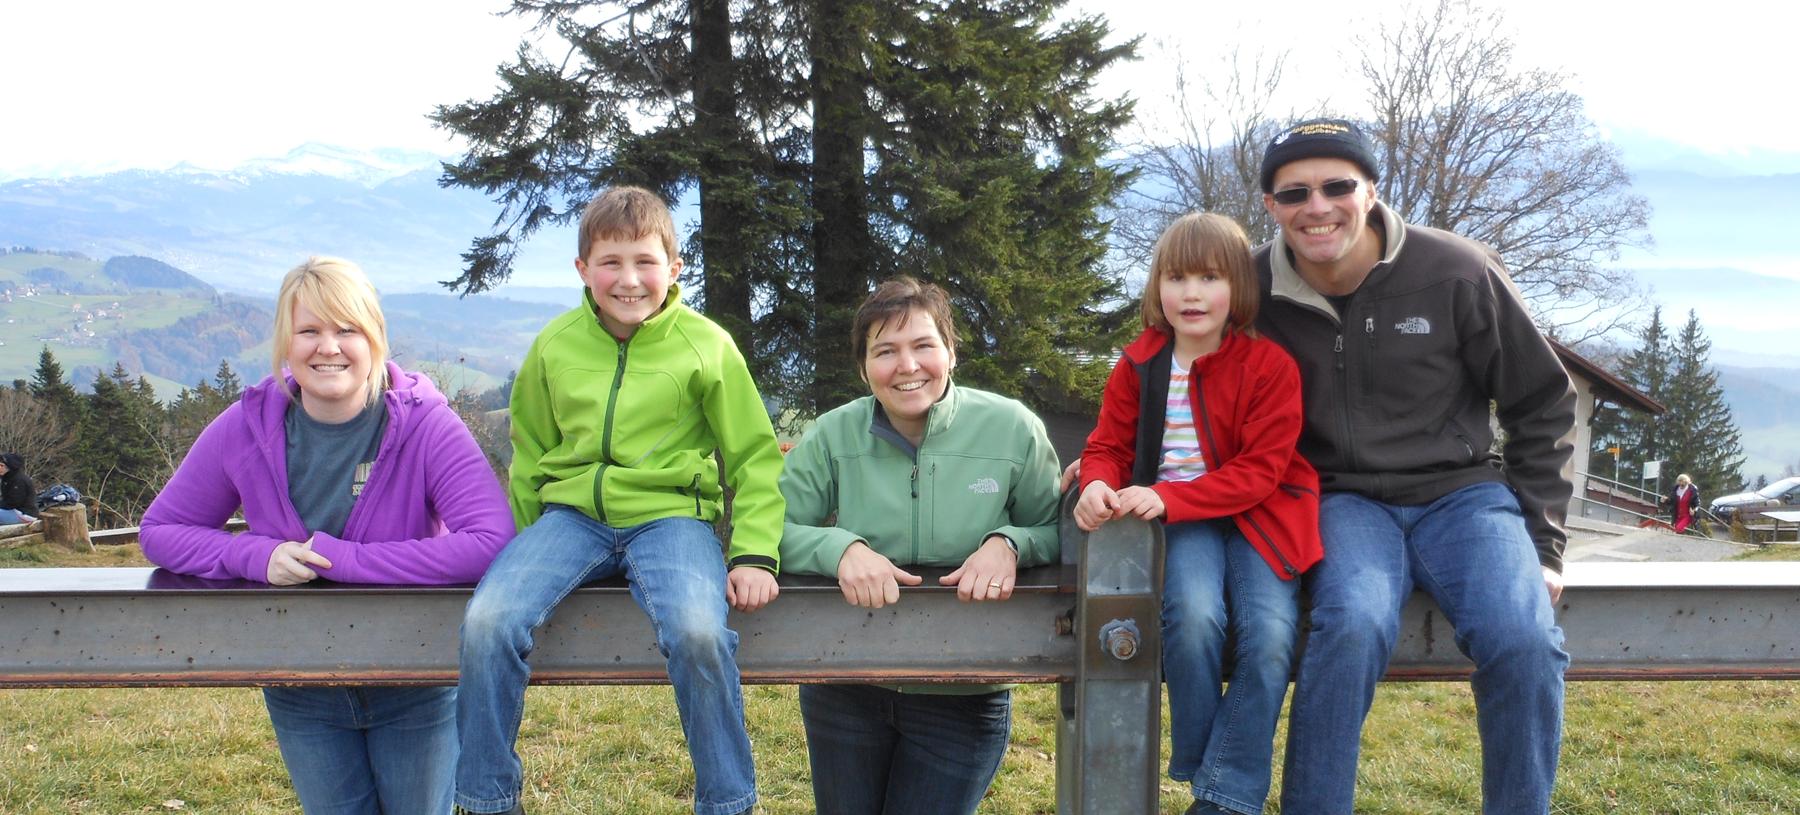 Swiss Host Family